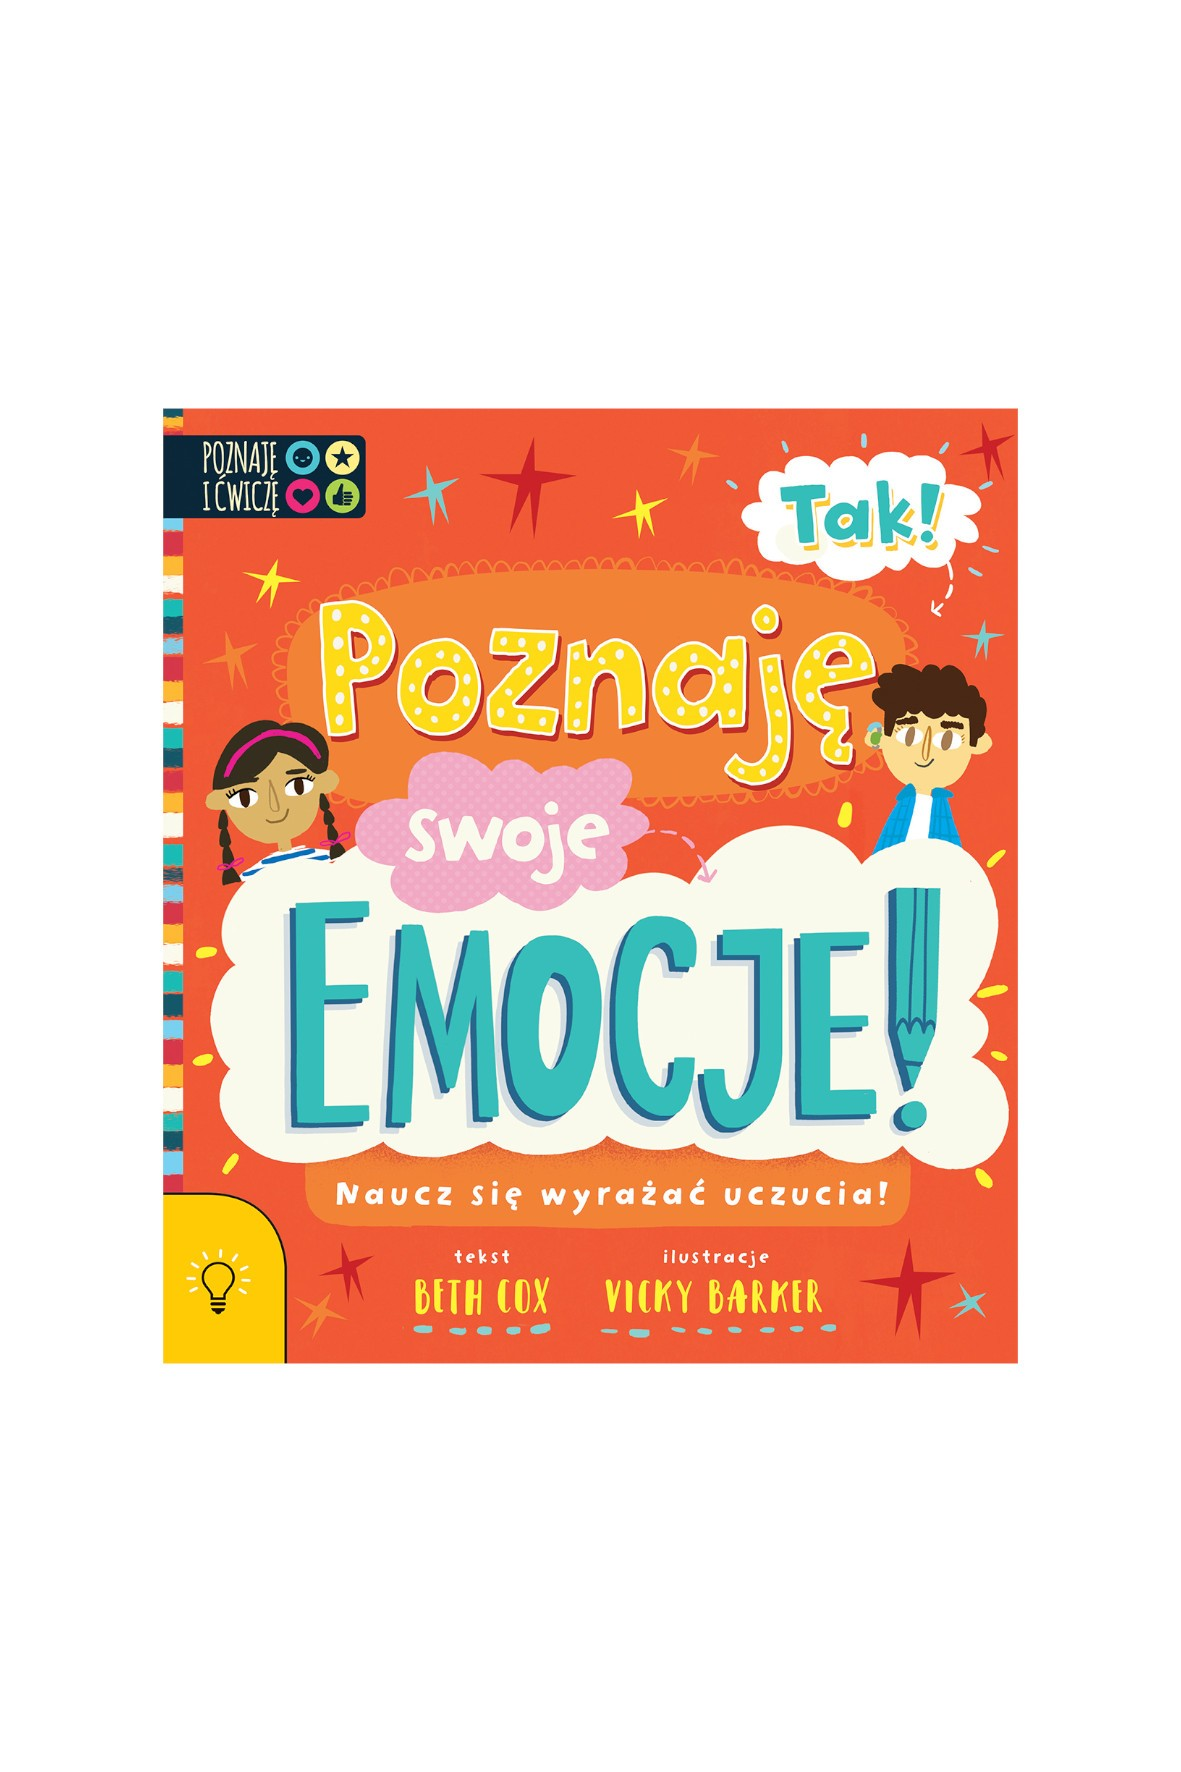 TAK! Poznaję swoje Emocje! - książka dla dzieci